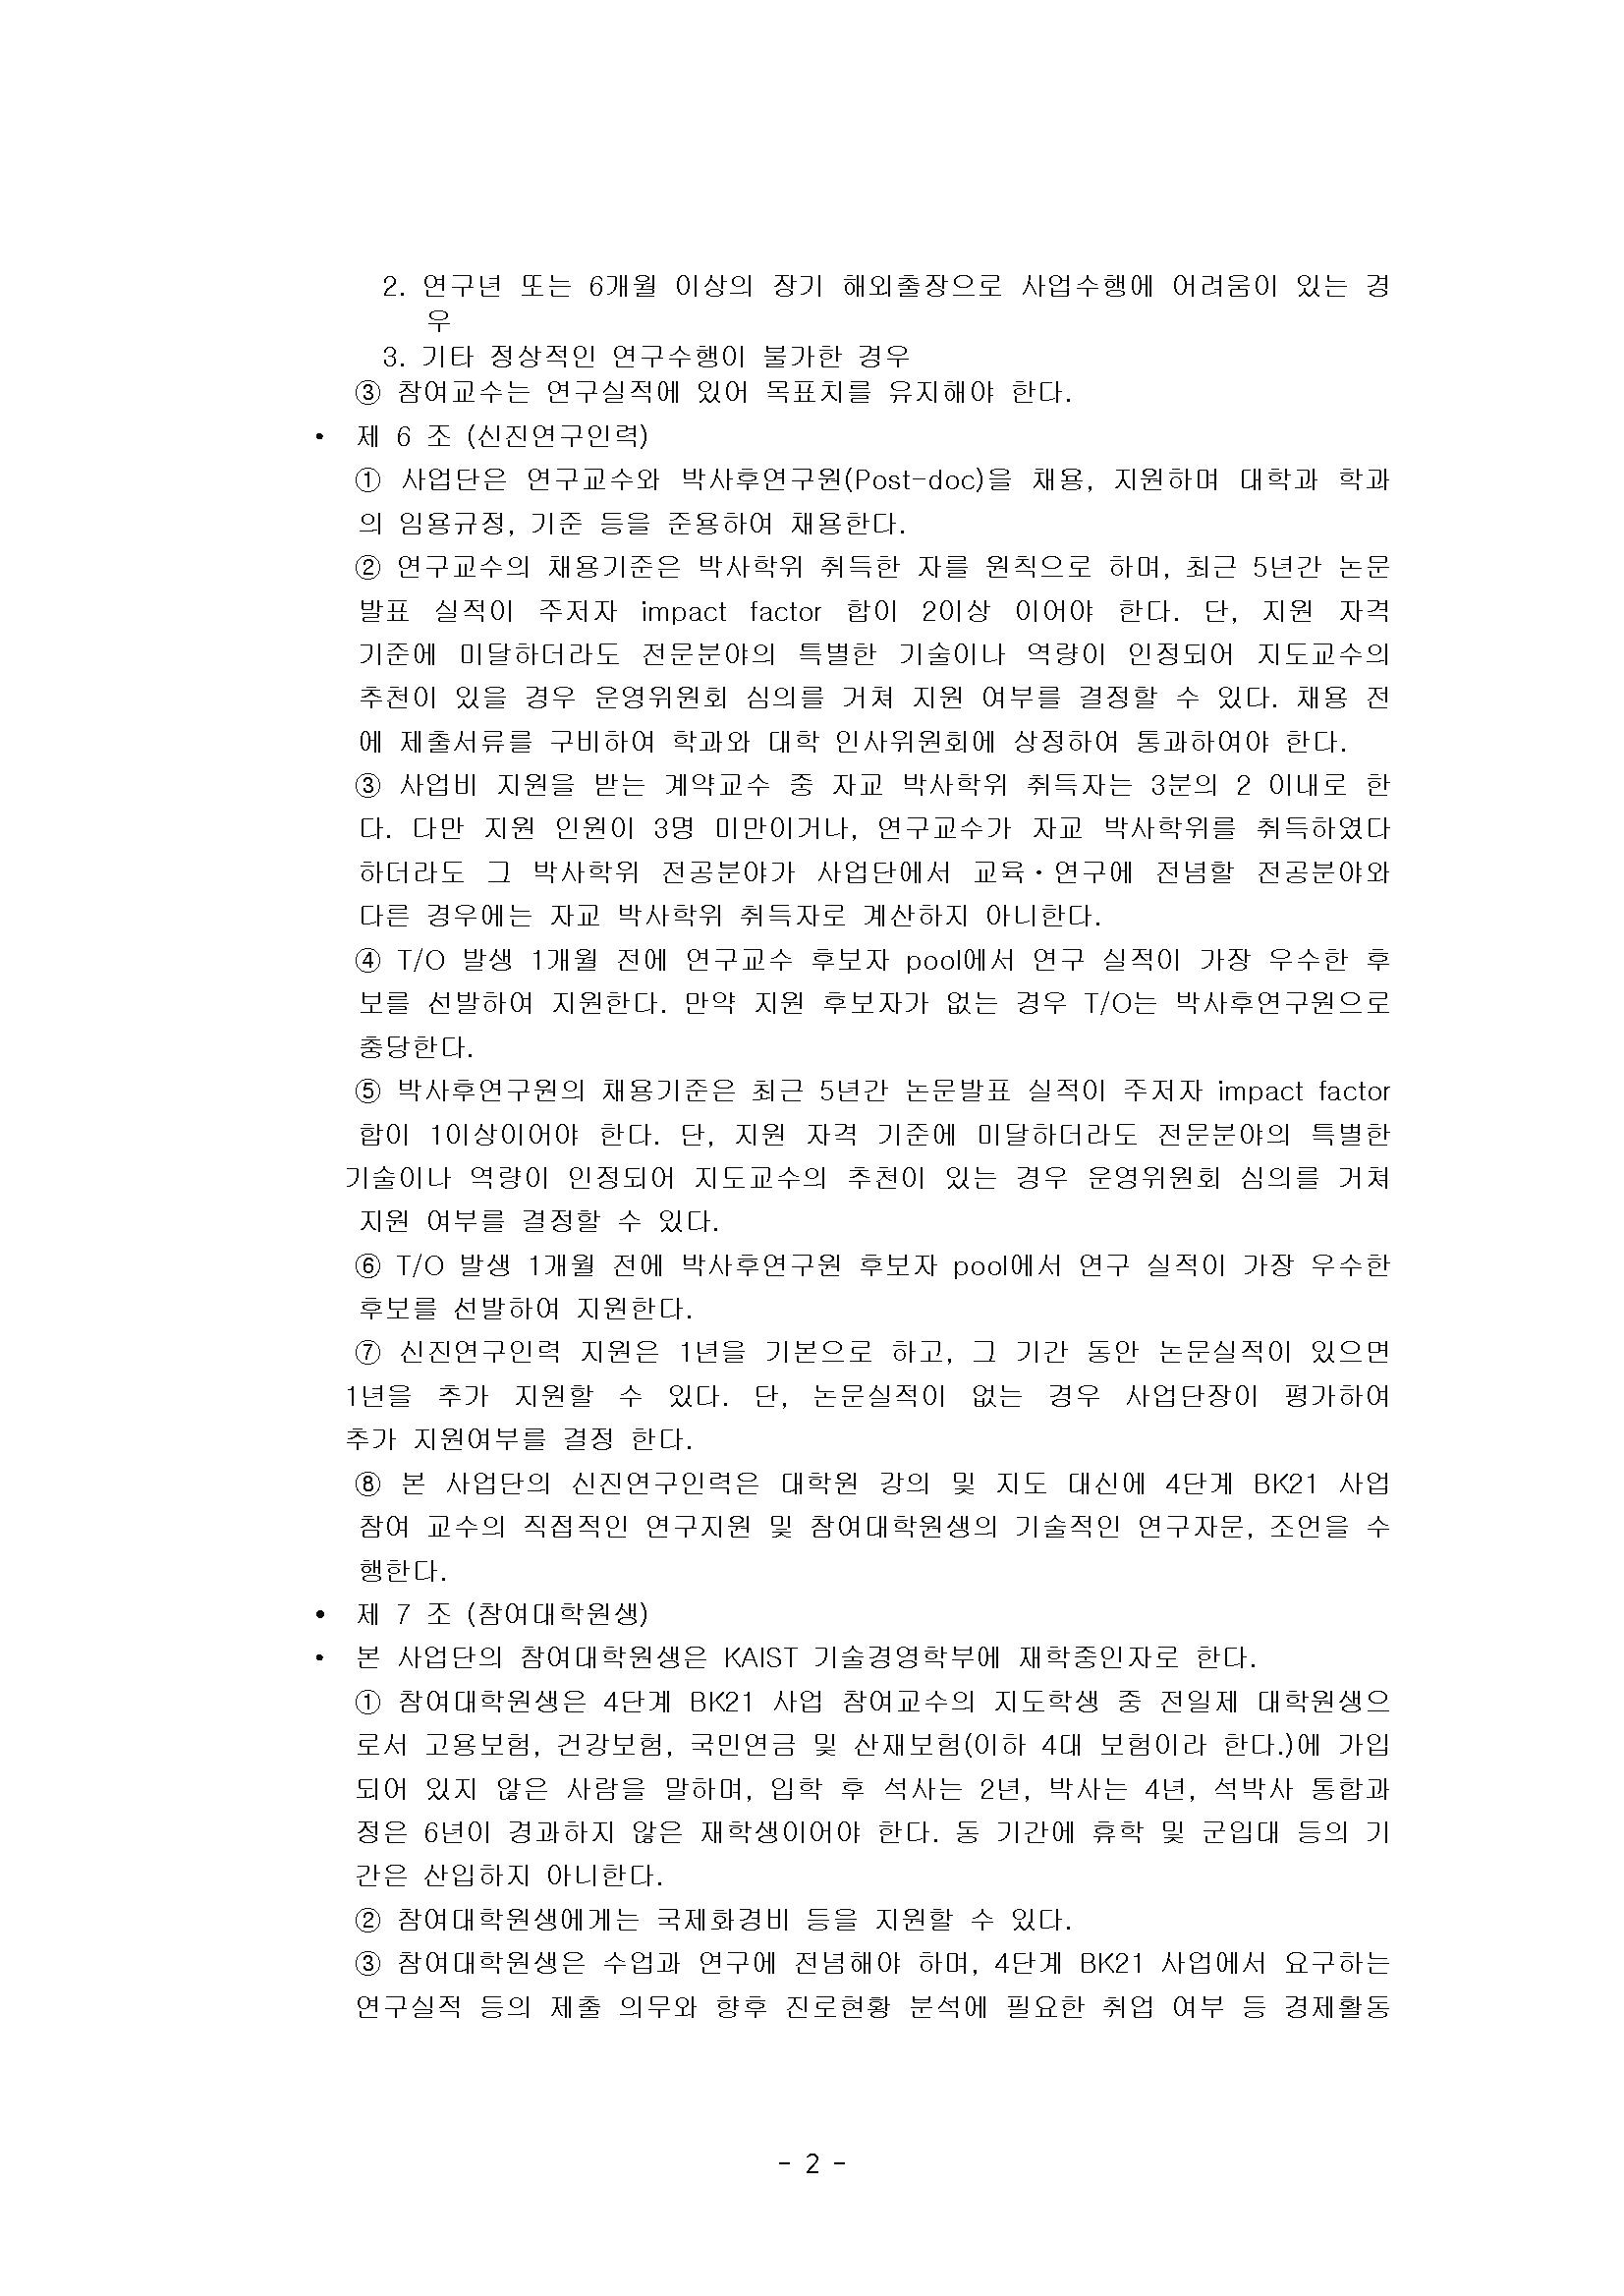 운영내규_페이지_2